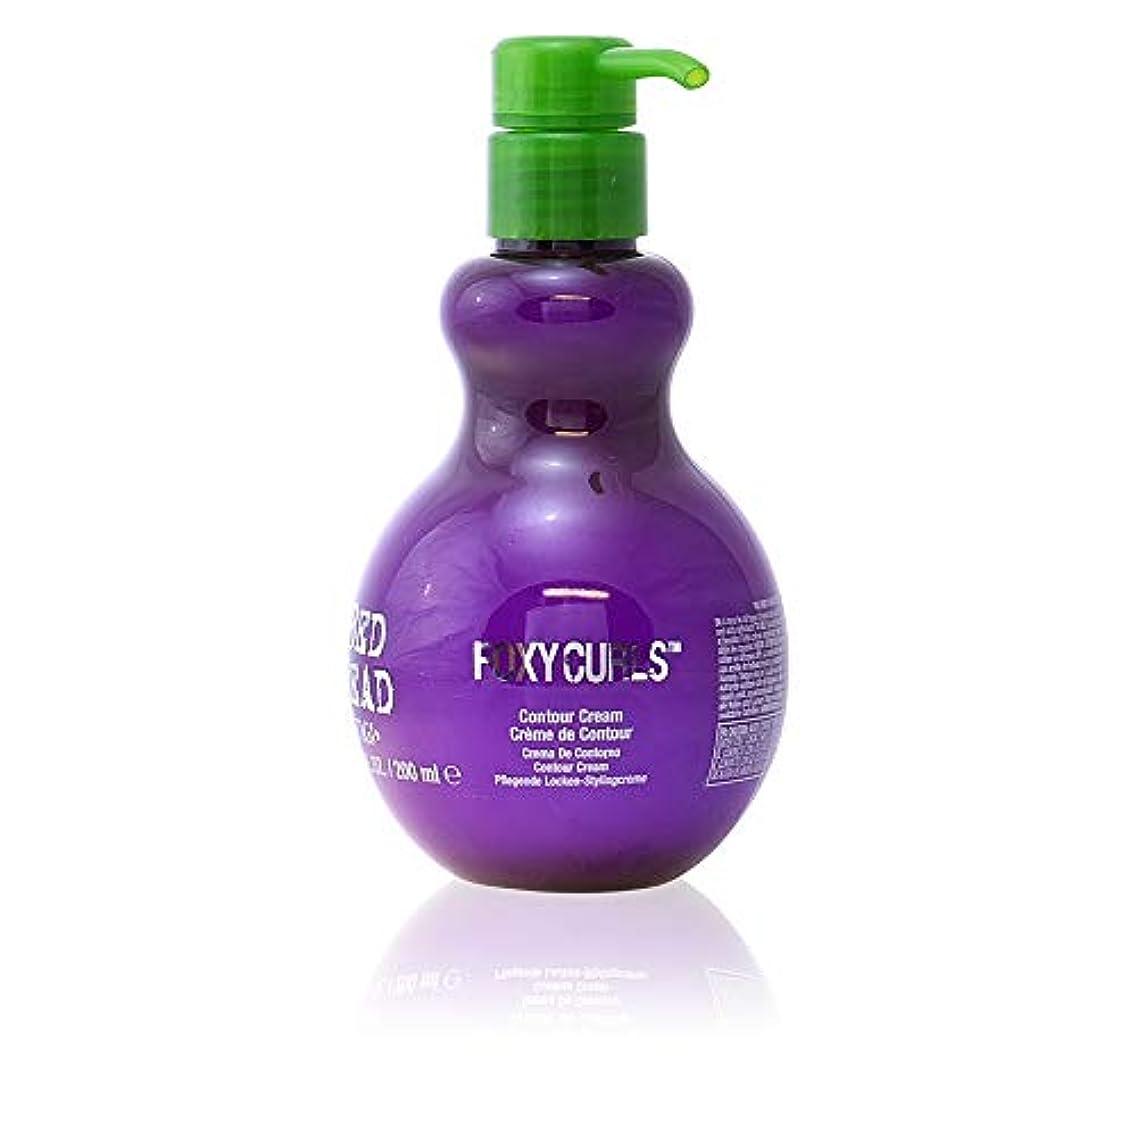 用心距離評価するティジー ベッドヘッド フォクシーカール コントゥア クリーム Tigi Bed Head Foxy Curls Contour Cream 200ml [並行輸入品]